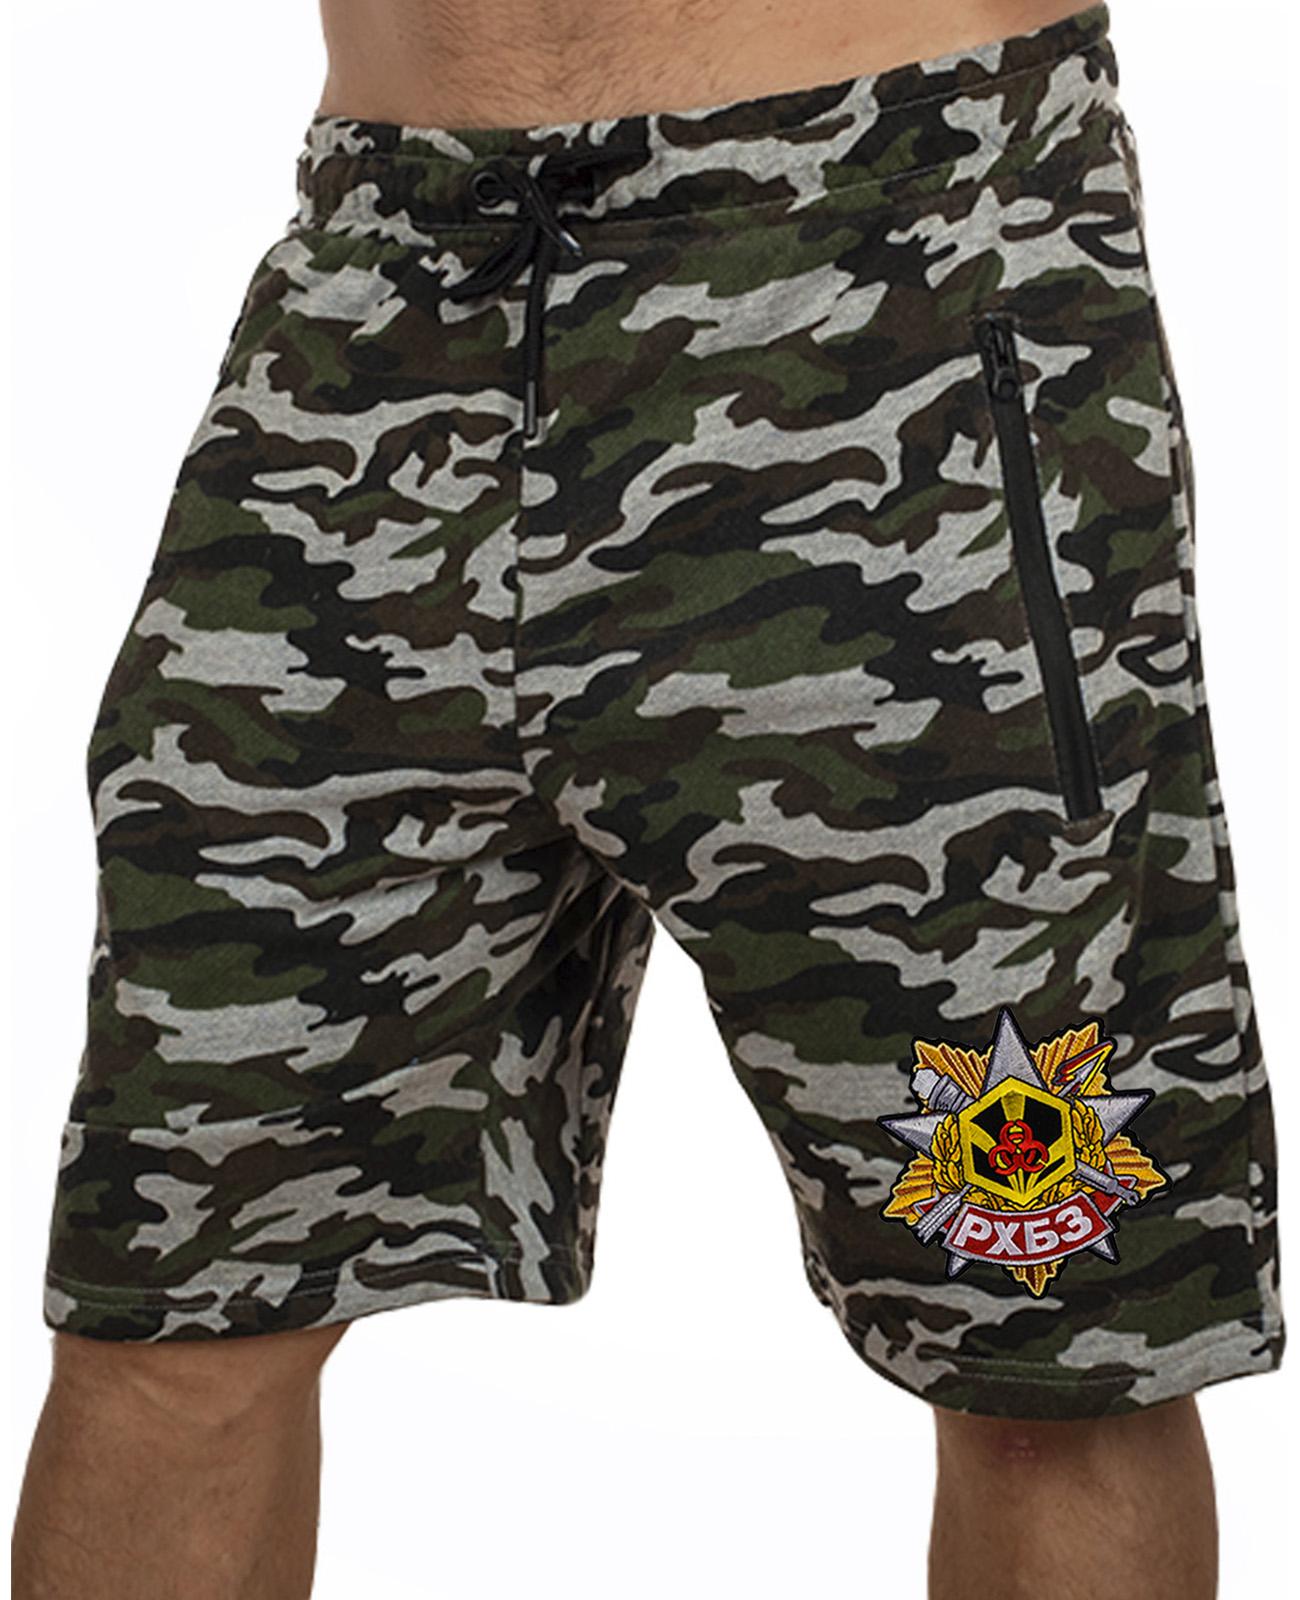 Купить особенные милитари шорты с нашивкой РХБЗ по экономичной цене